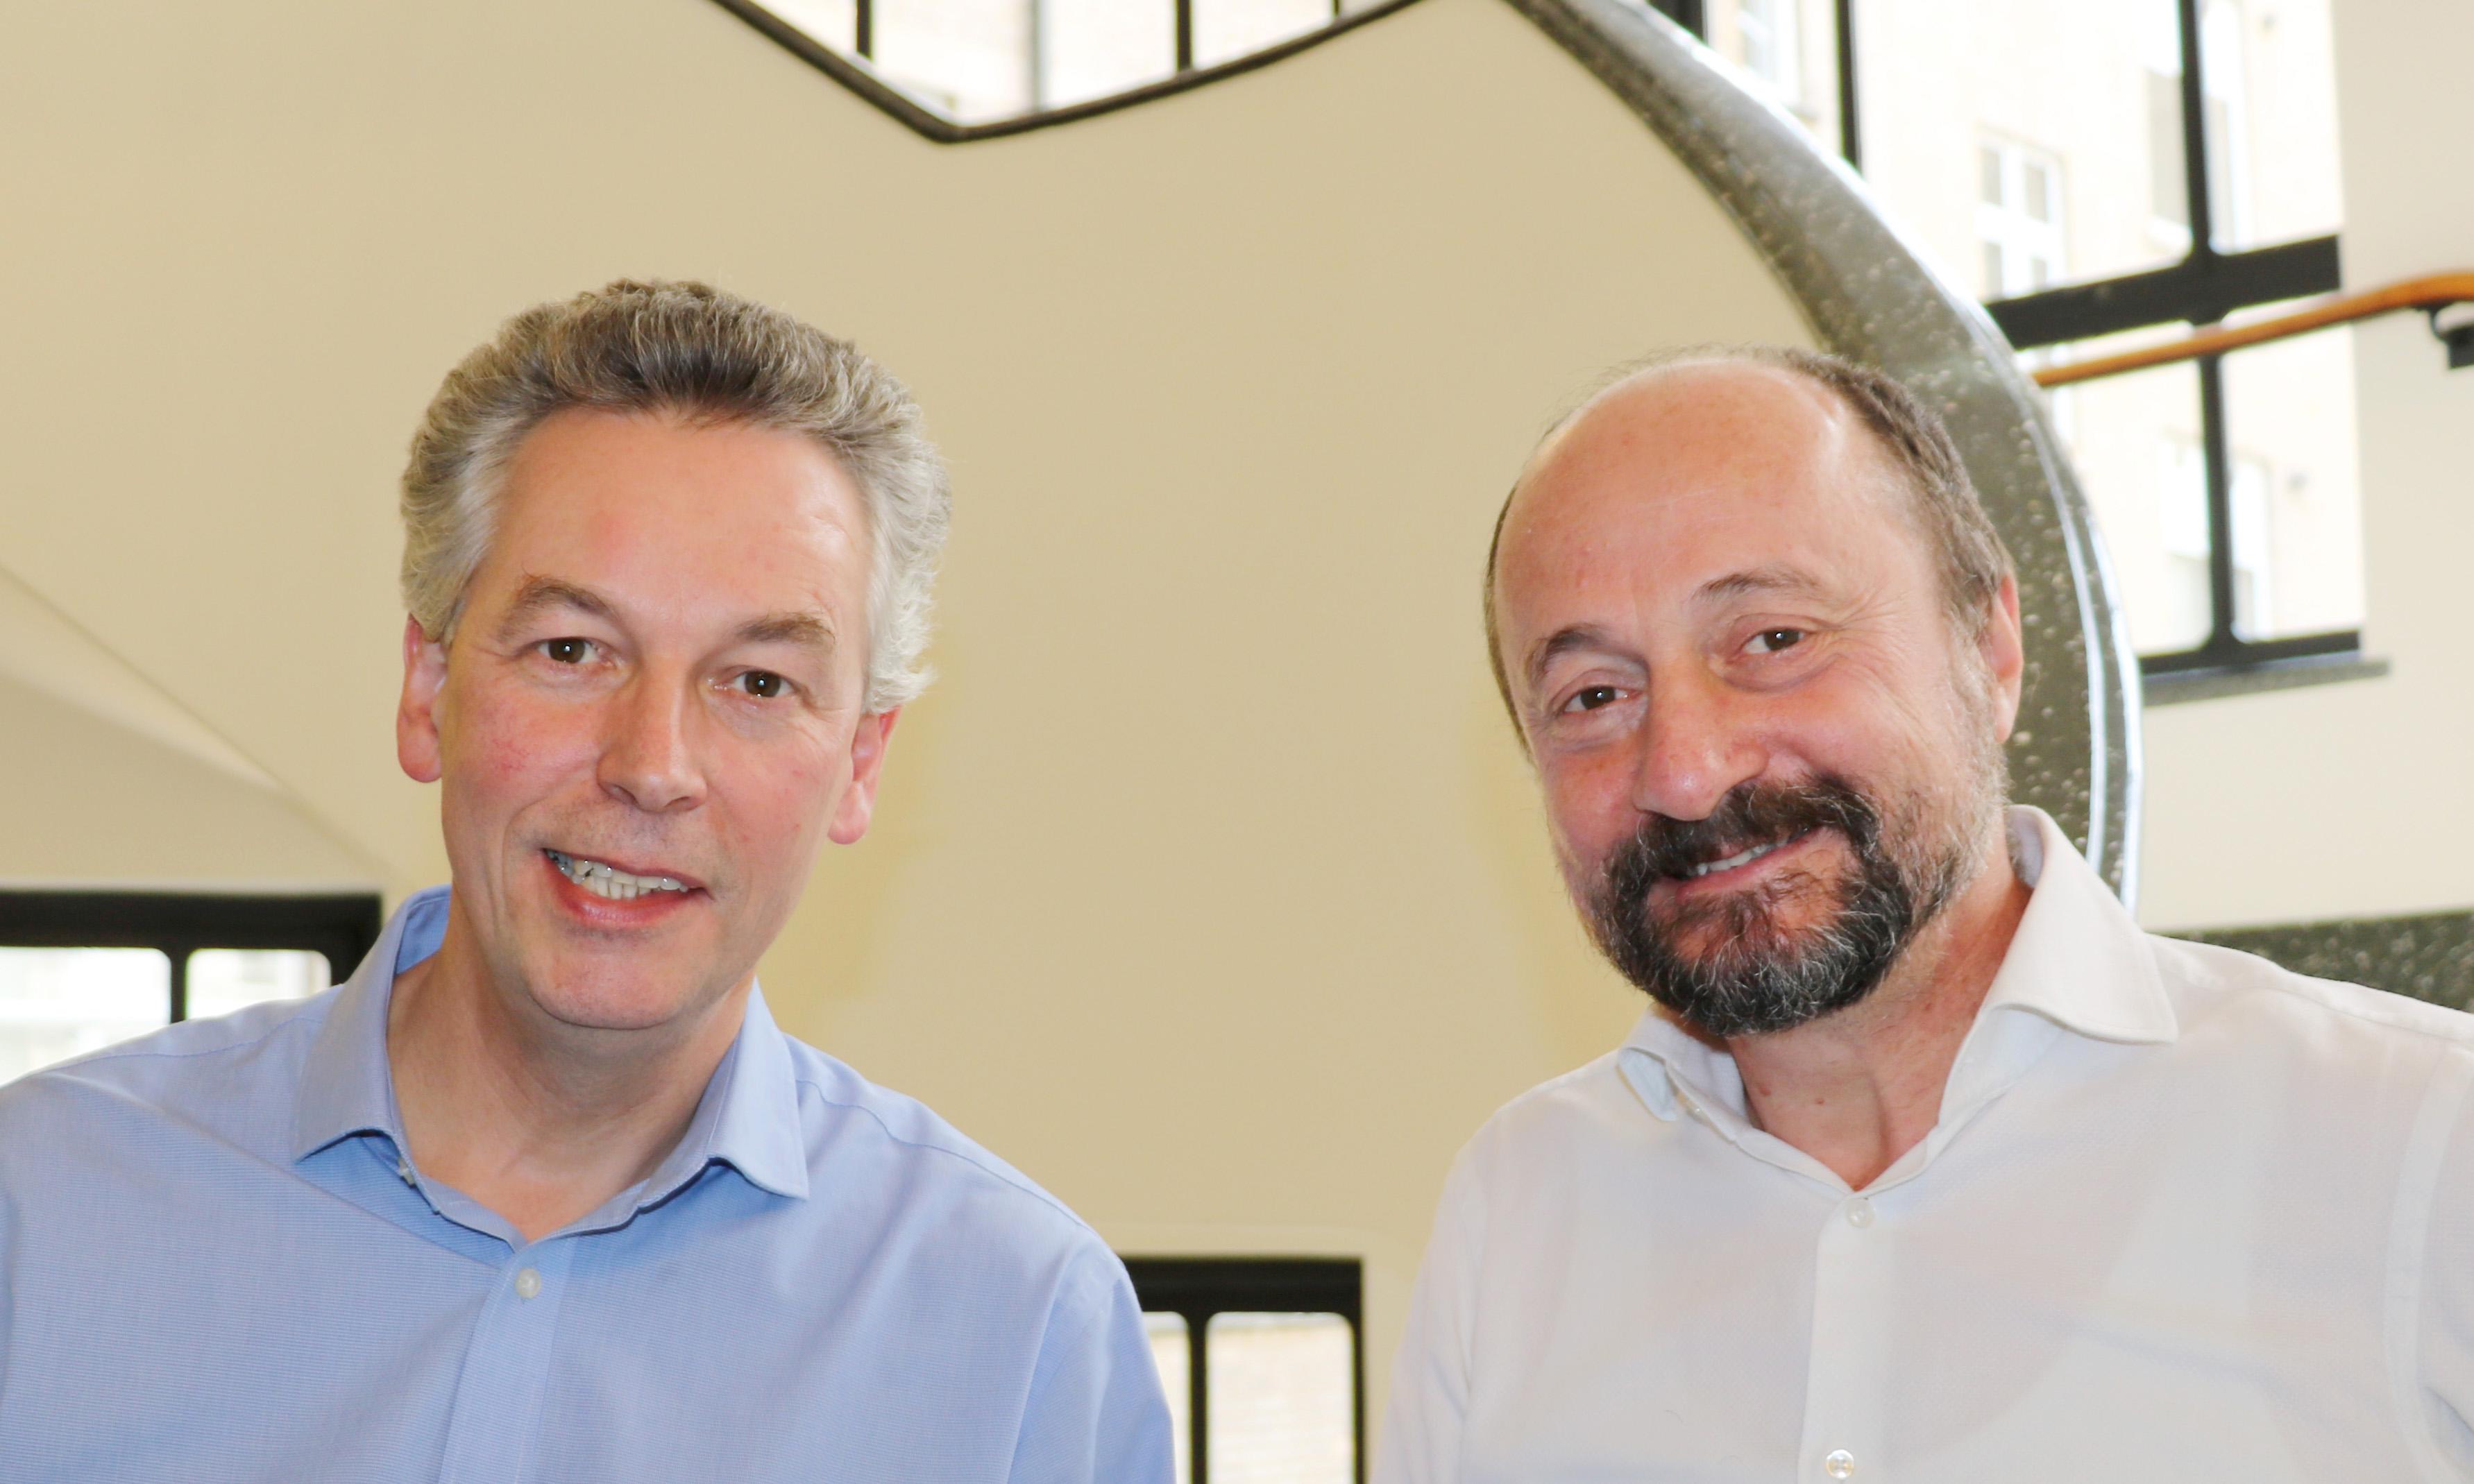 Dr Adrian Ivinson and Professor Bart de Strooper